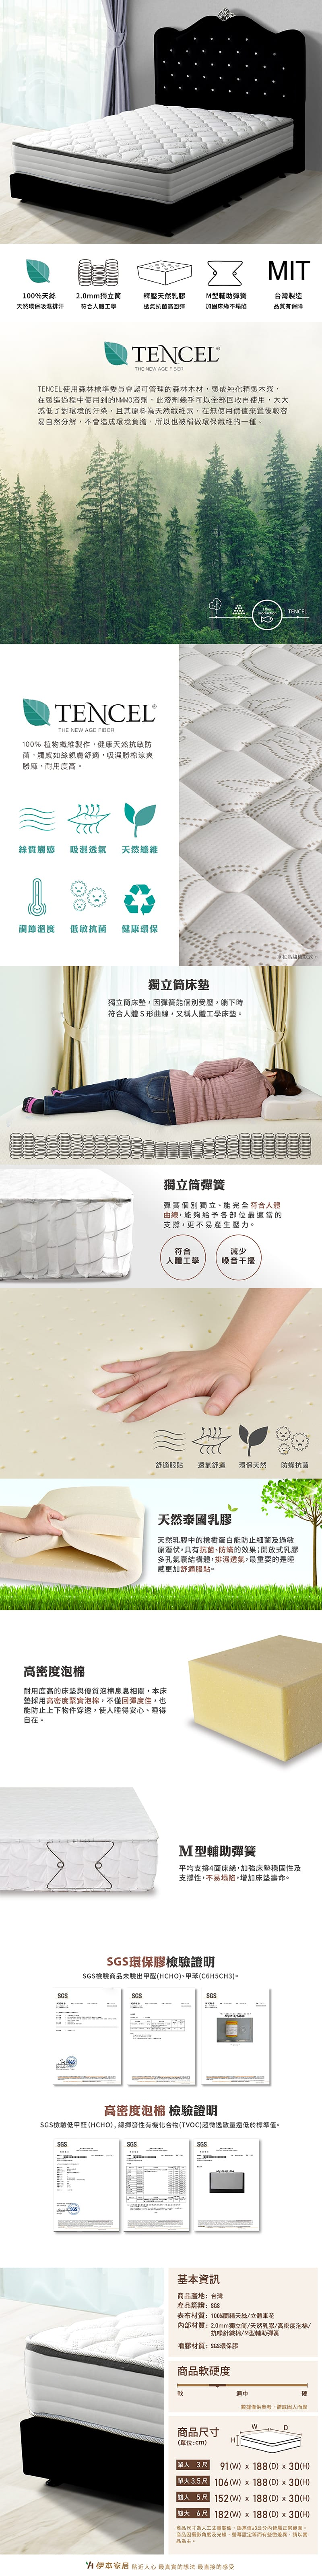 天絲乳膠獨立筒床墊雙人加大6尺(鑽石系列)